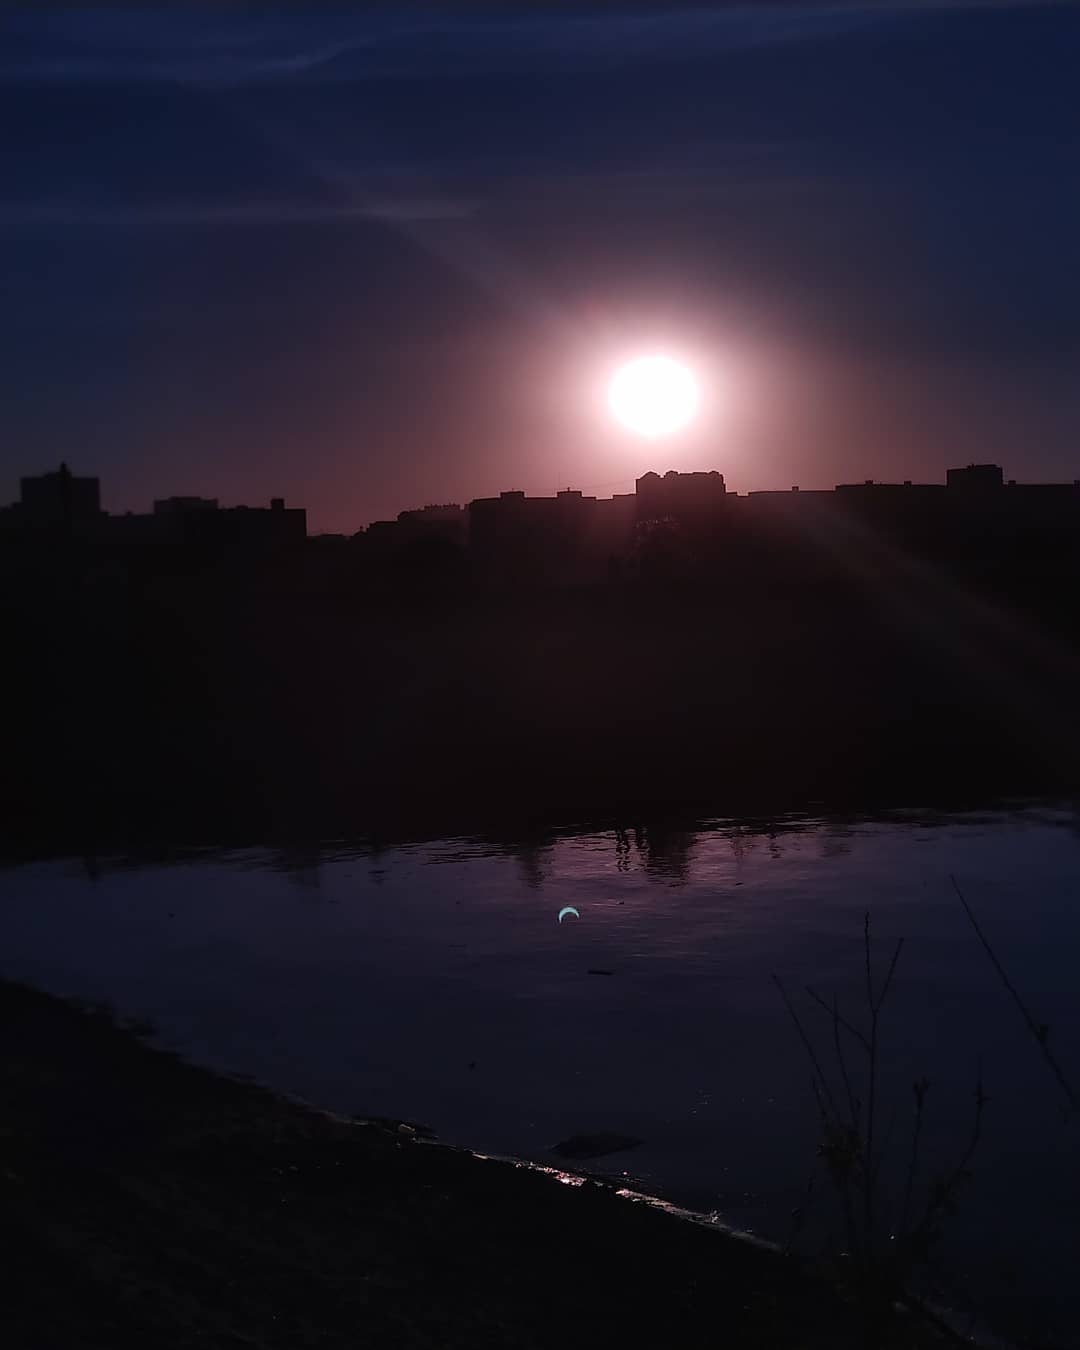 Солнечное затмение 10 июня: весь мир делится эффектными снимками астрономического явления (ФОТО) - фото №5